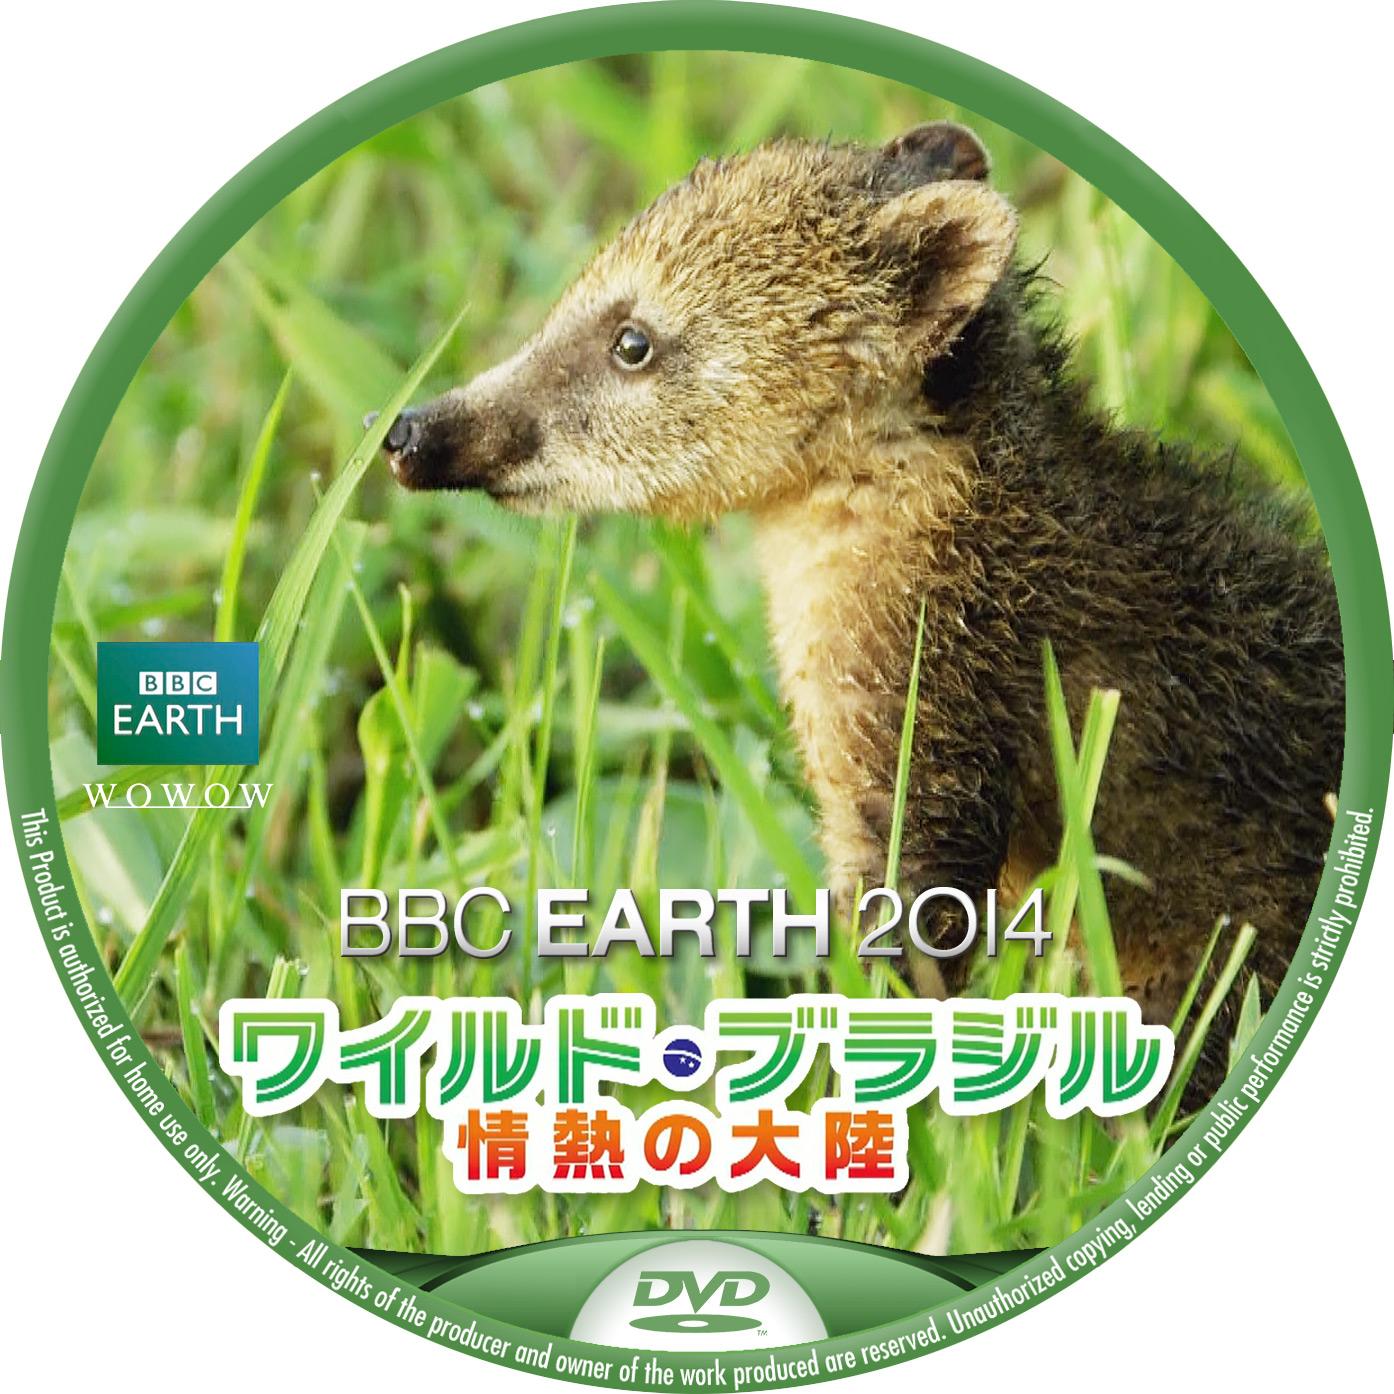 BBC2014  WOWOW ワイルドブラジル ハナグマ DVDラベル